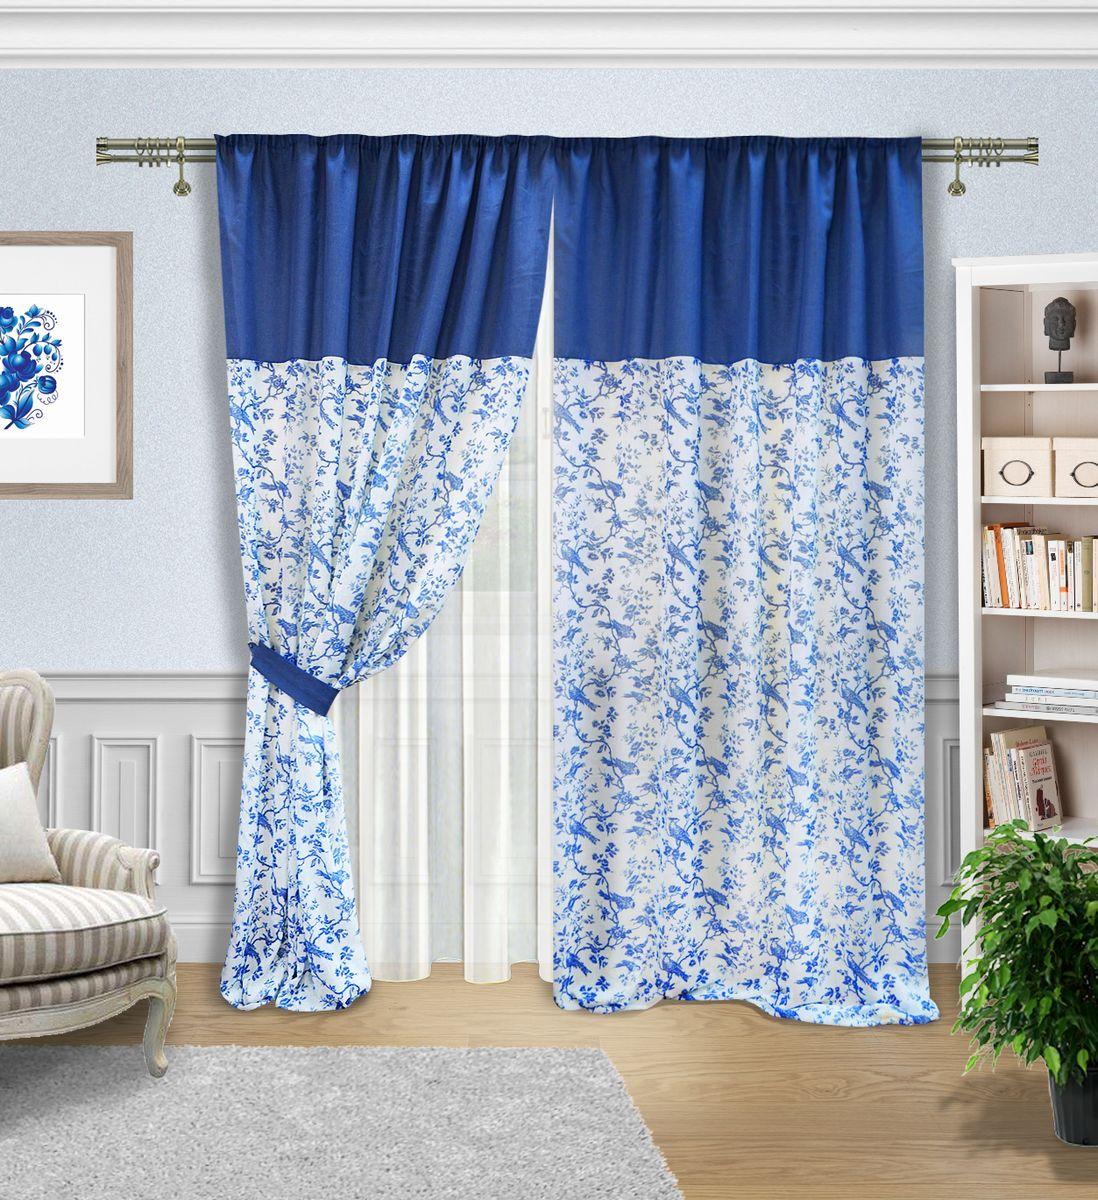 Комплект штор Zlata Korunka, на ленте, цвет: синий, белый, высота 270 см. 5557055570Комплект штор Zlata Korunka, выполненный из полиэстера, великолепно украсит любое окно. Комплект состоит из тюля, двух штор и двух подхватов. Оригинальный рисунок в виде росписи гжель и приятная цветовая гамма привлекут к себе внимание и органично впишутся в интерьер помещения. Этот комплект будет долгое время радовать вас и вашу семью! Комплект крепится на карниз при помощи ленты, которая поможет красиво и равномерно задрапировать верх. В комплект входит: Тюль: 1 шт. Размер (Ш х В): 400 х 270 см. Штора: 2 шт. Размер (Ш х В): 180 х 270 см. Подхват: 2 шт.